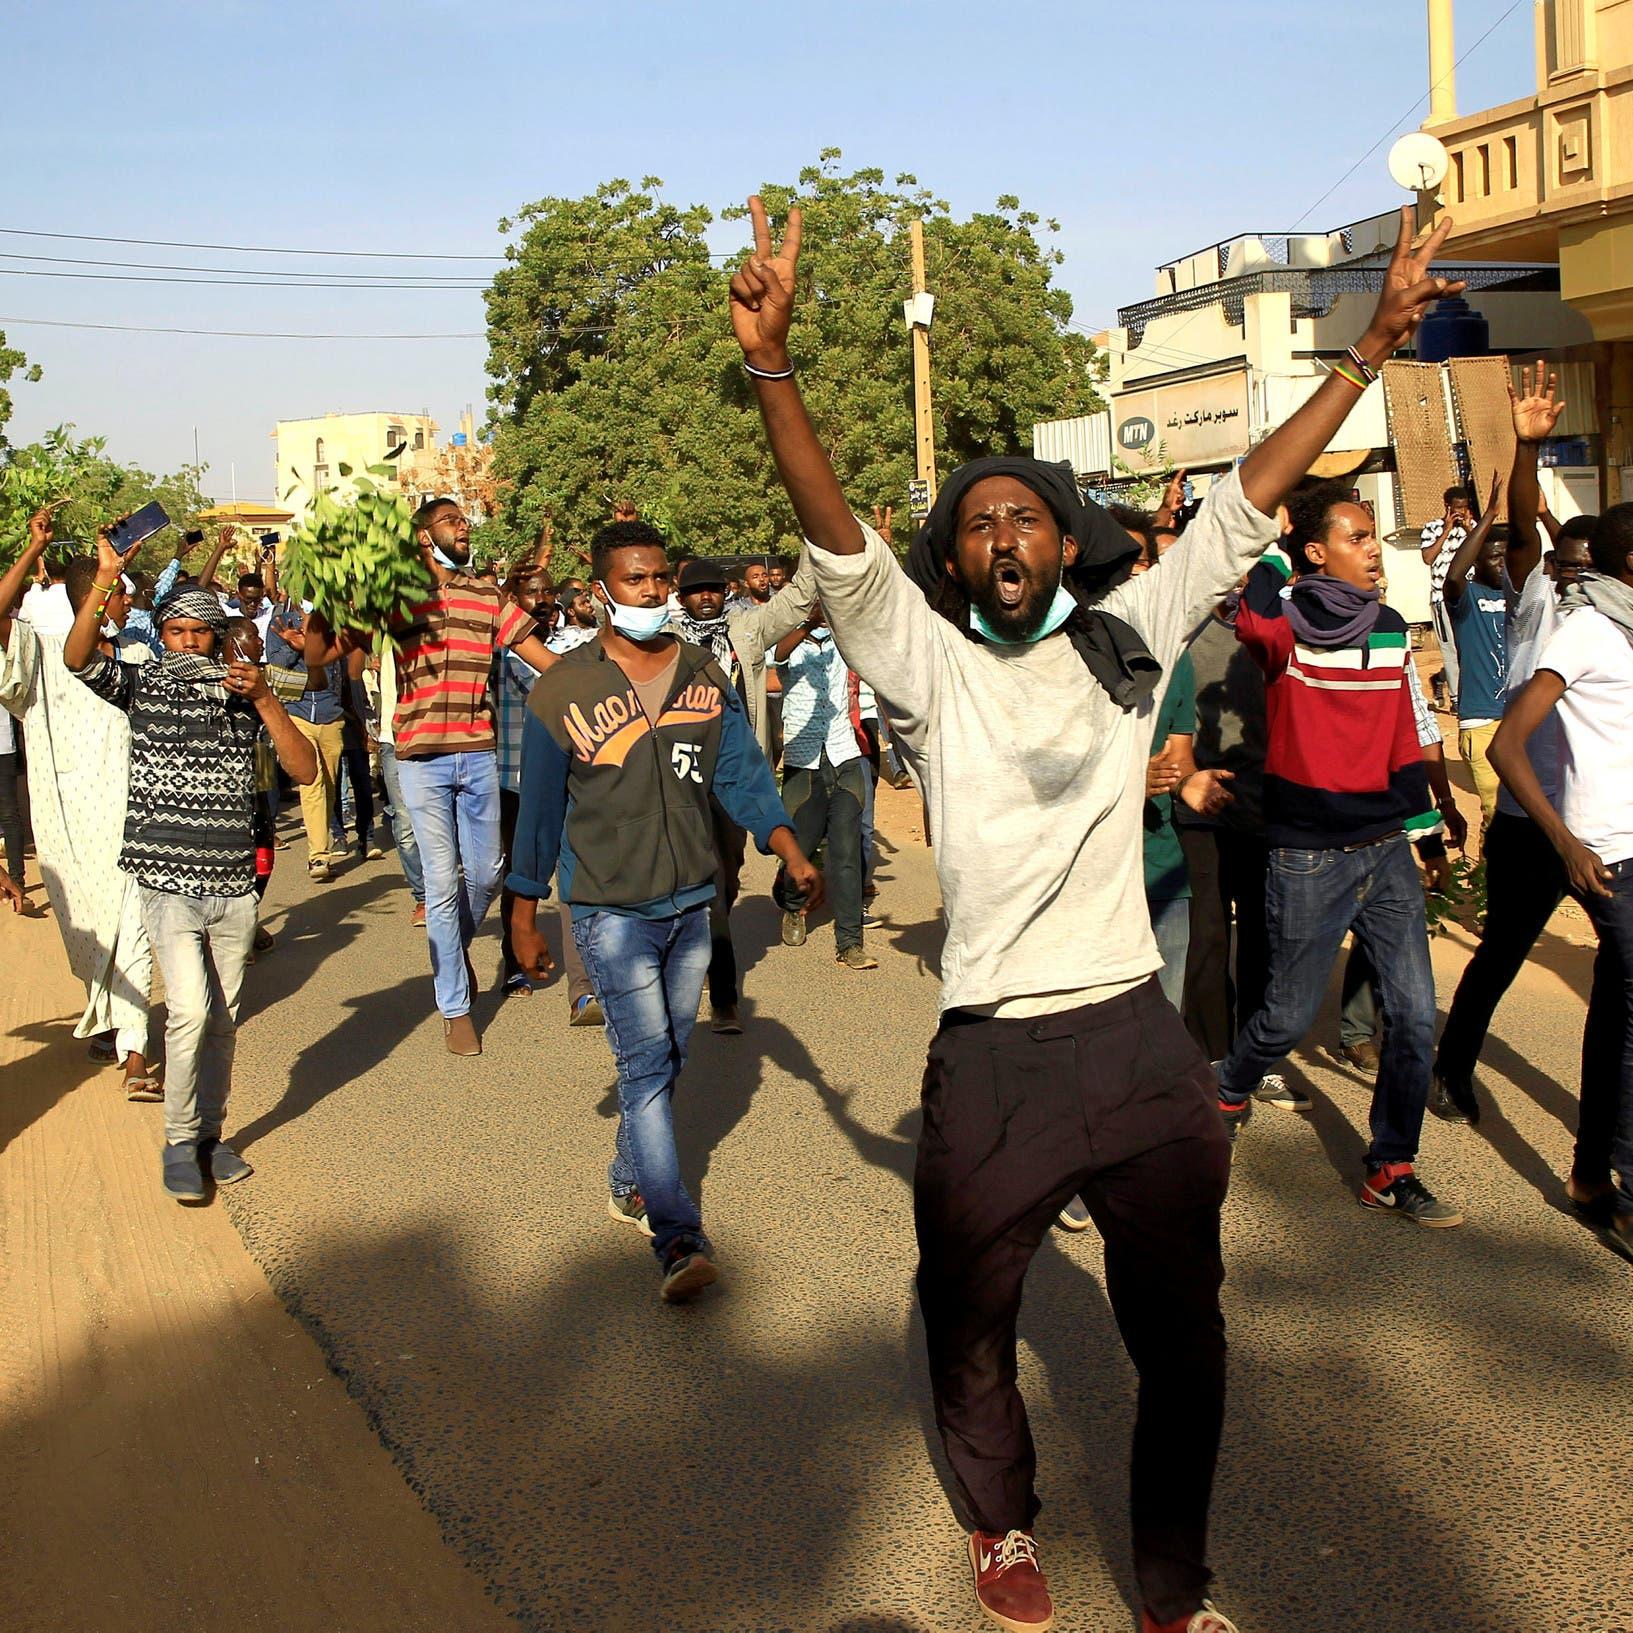 السودان.. 22 حزباً سياسياً تطالب بحكومة انتقالية